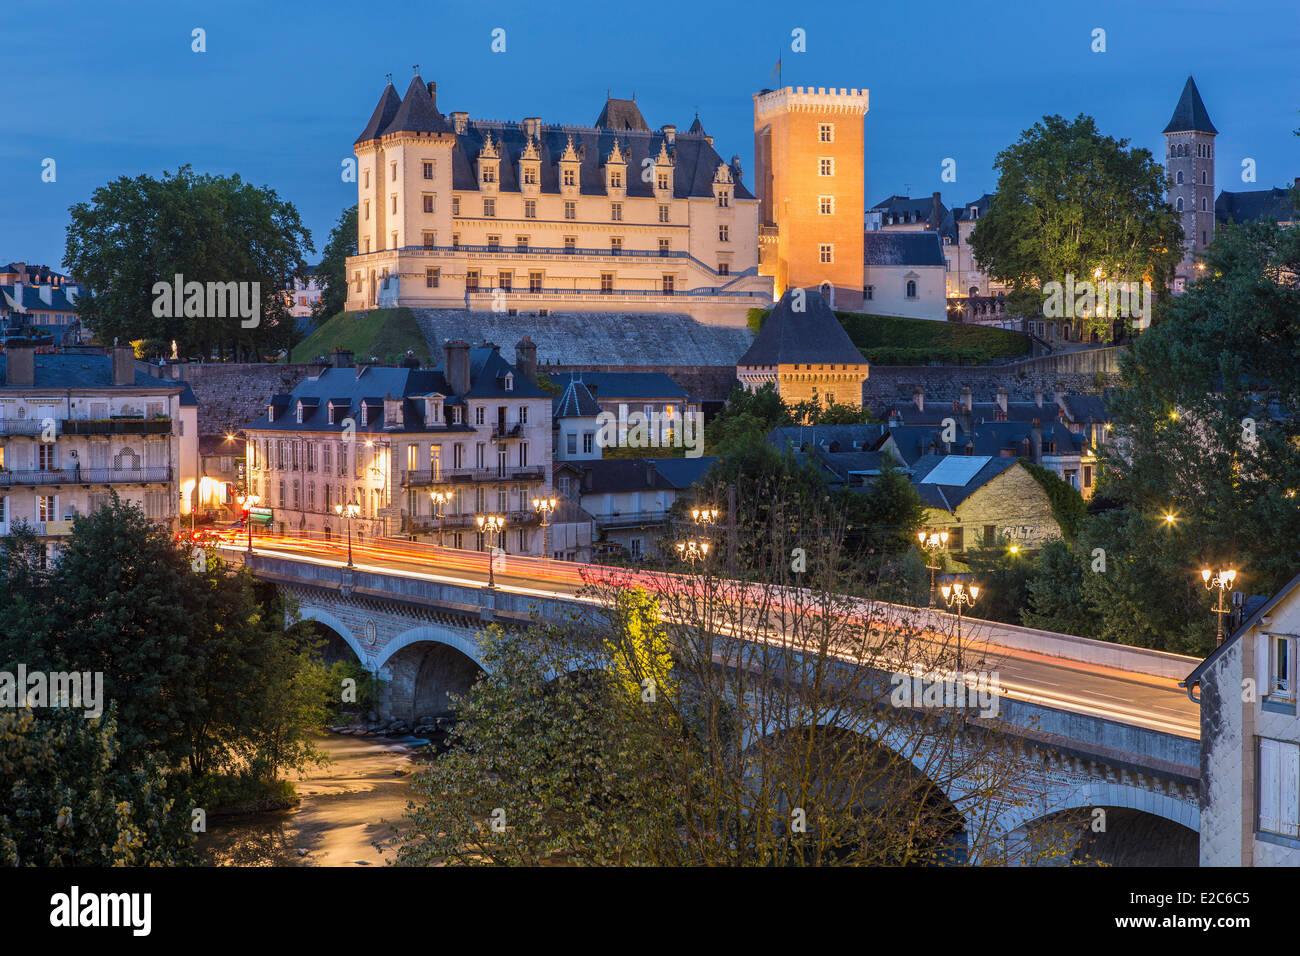 Francia, Pirenei Atlantiques, Bearn, Pau, Gave de Pau e il castello del XIV secolo il re Enrico IV il luogo di nascita Immagini Stock